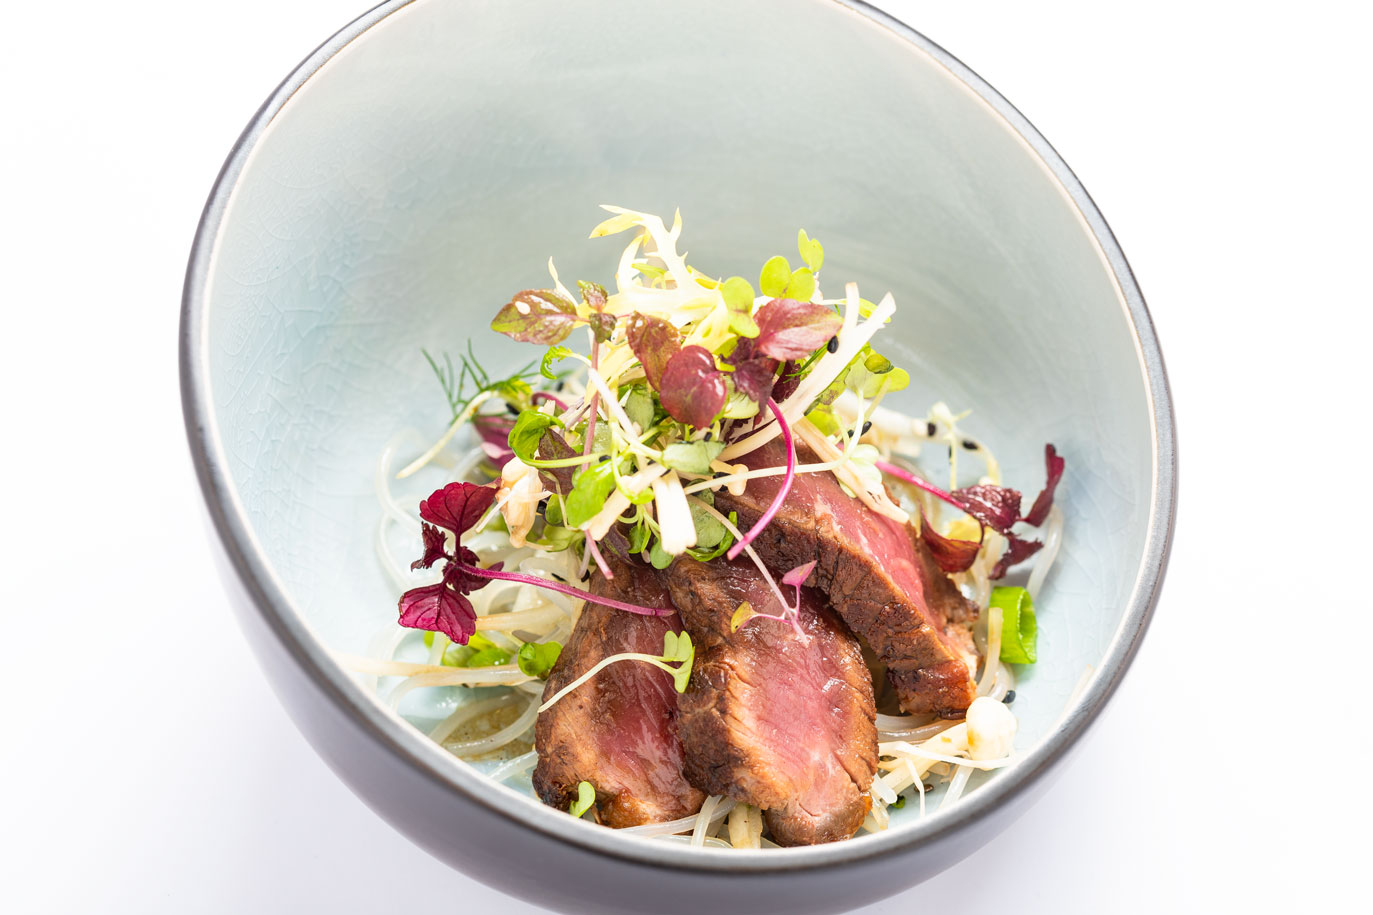 Thai beef salad, Belfurn Angus - LIEVEN